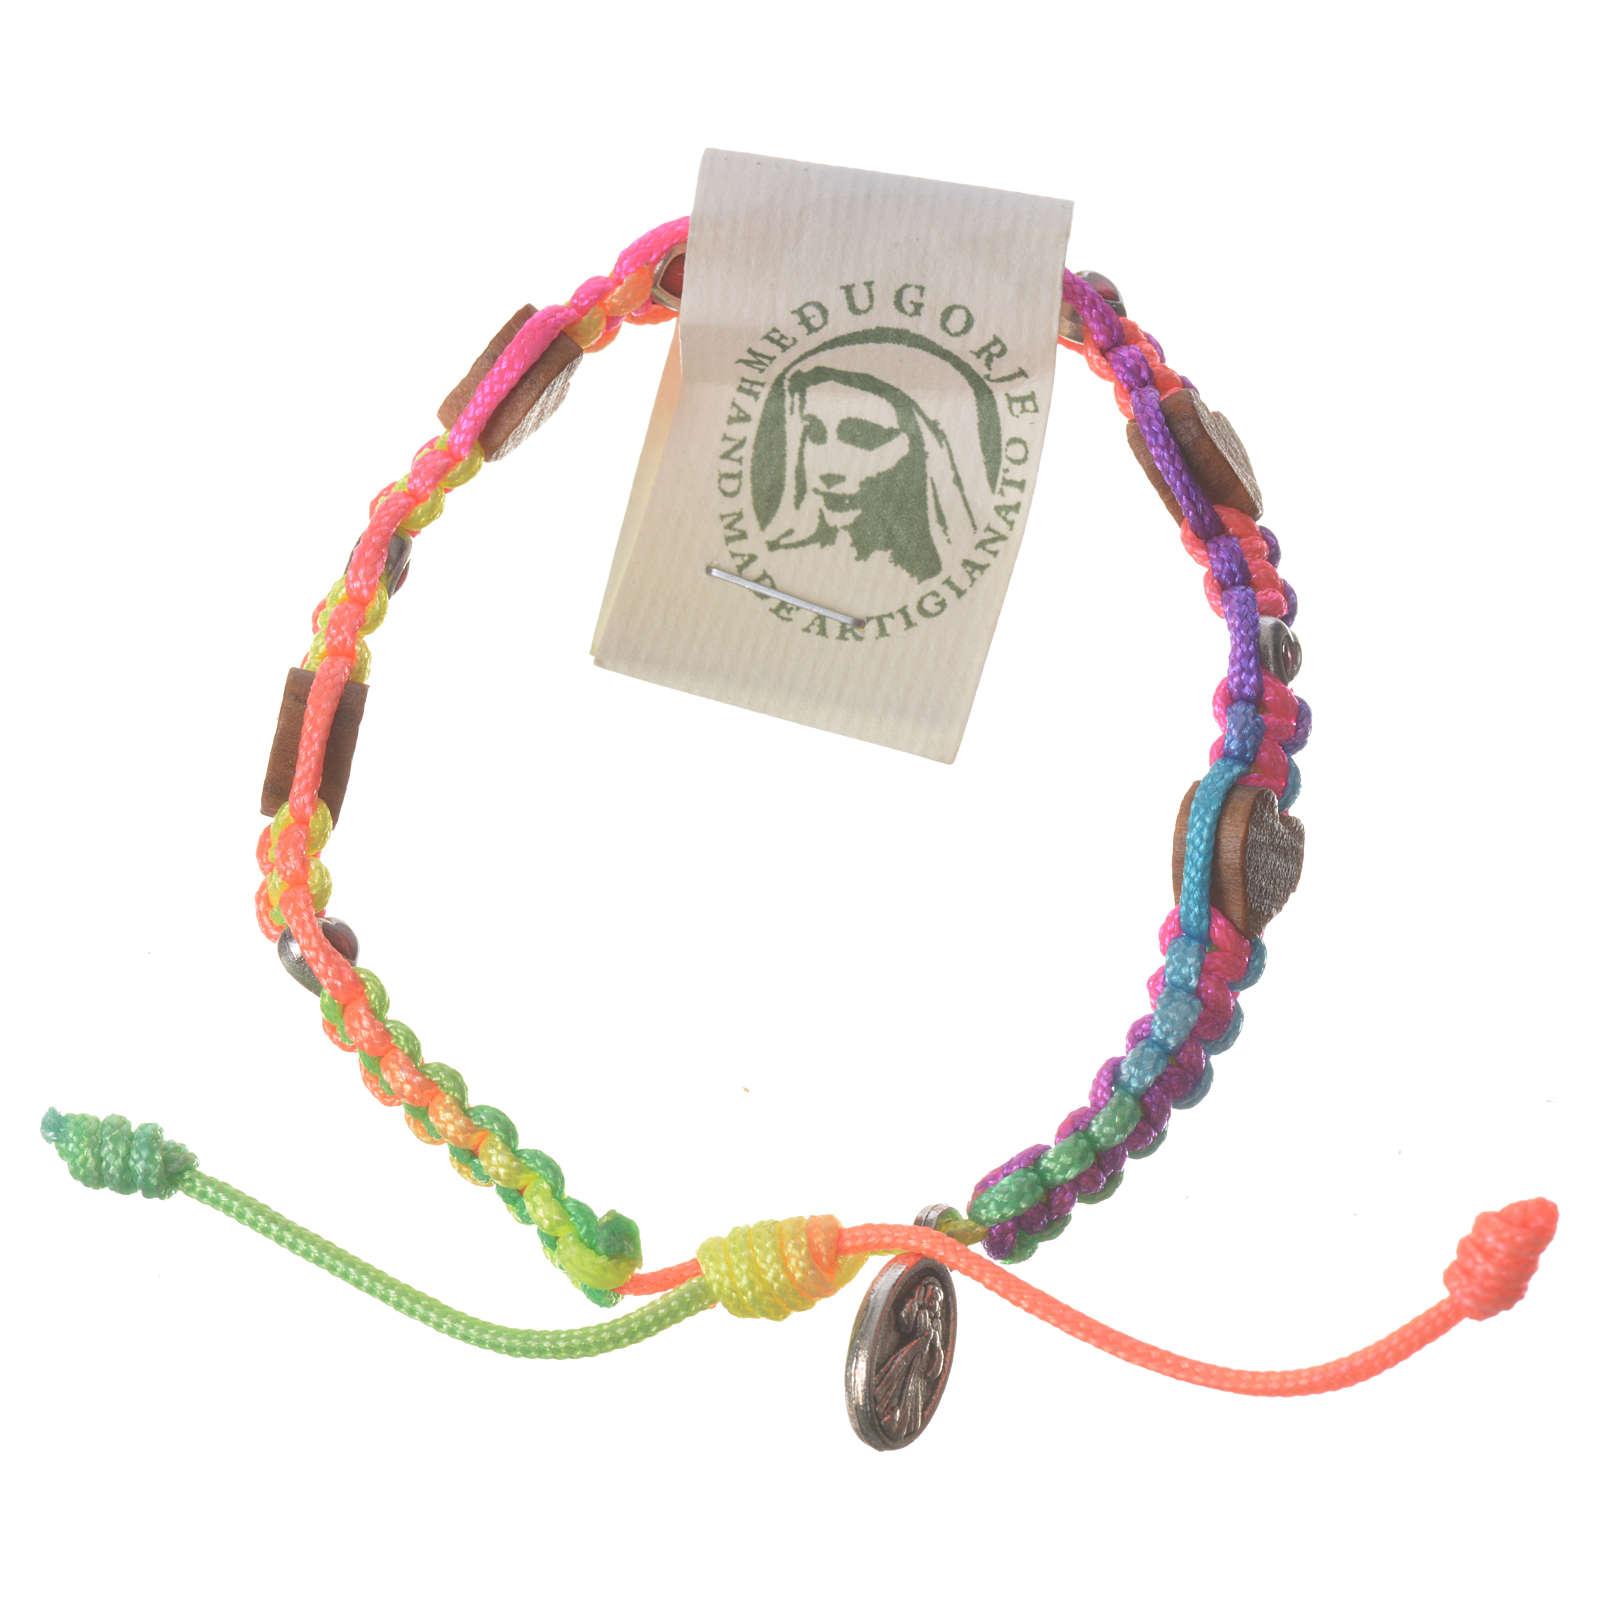 Bracciale Medjugorje corda multicolor cuori ulivo 4